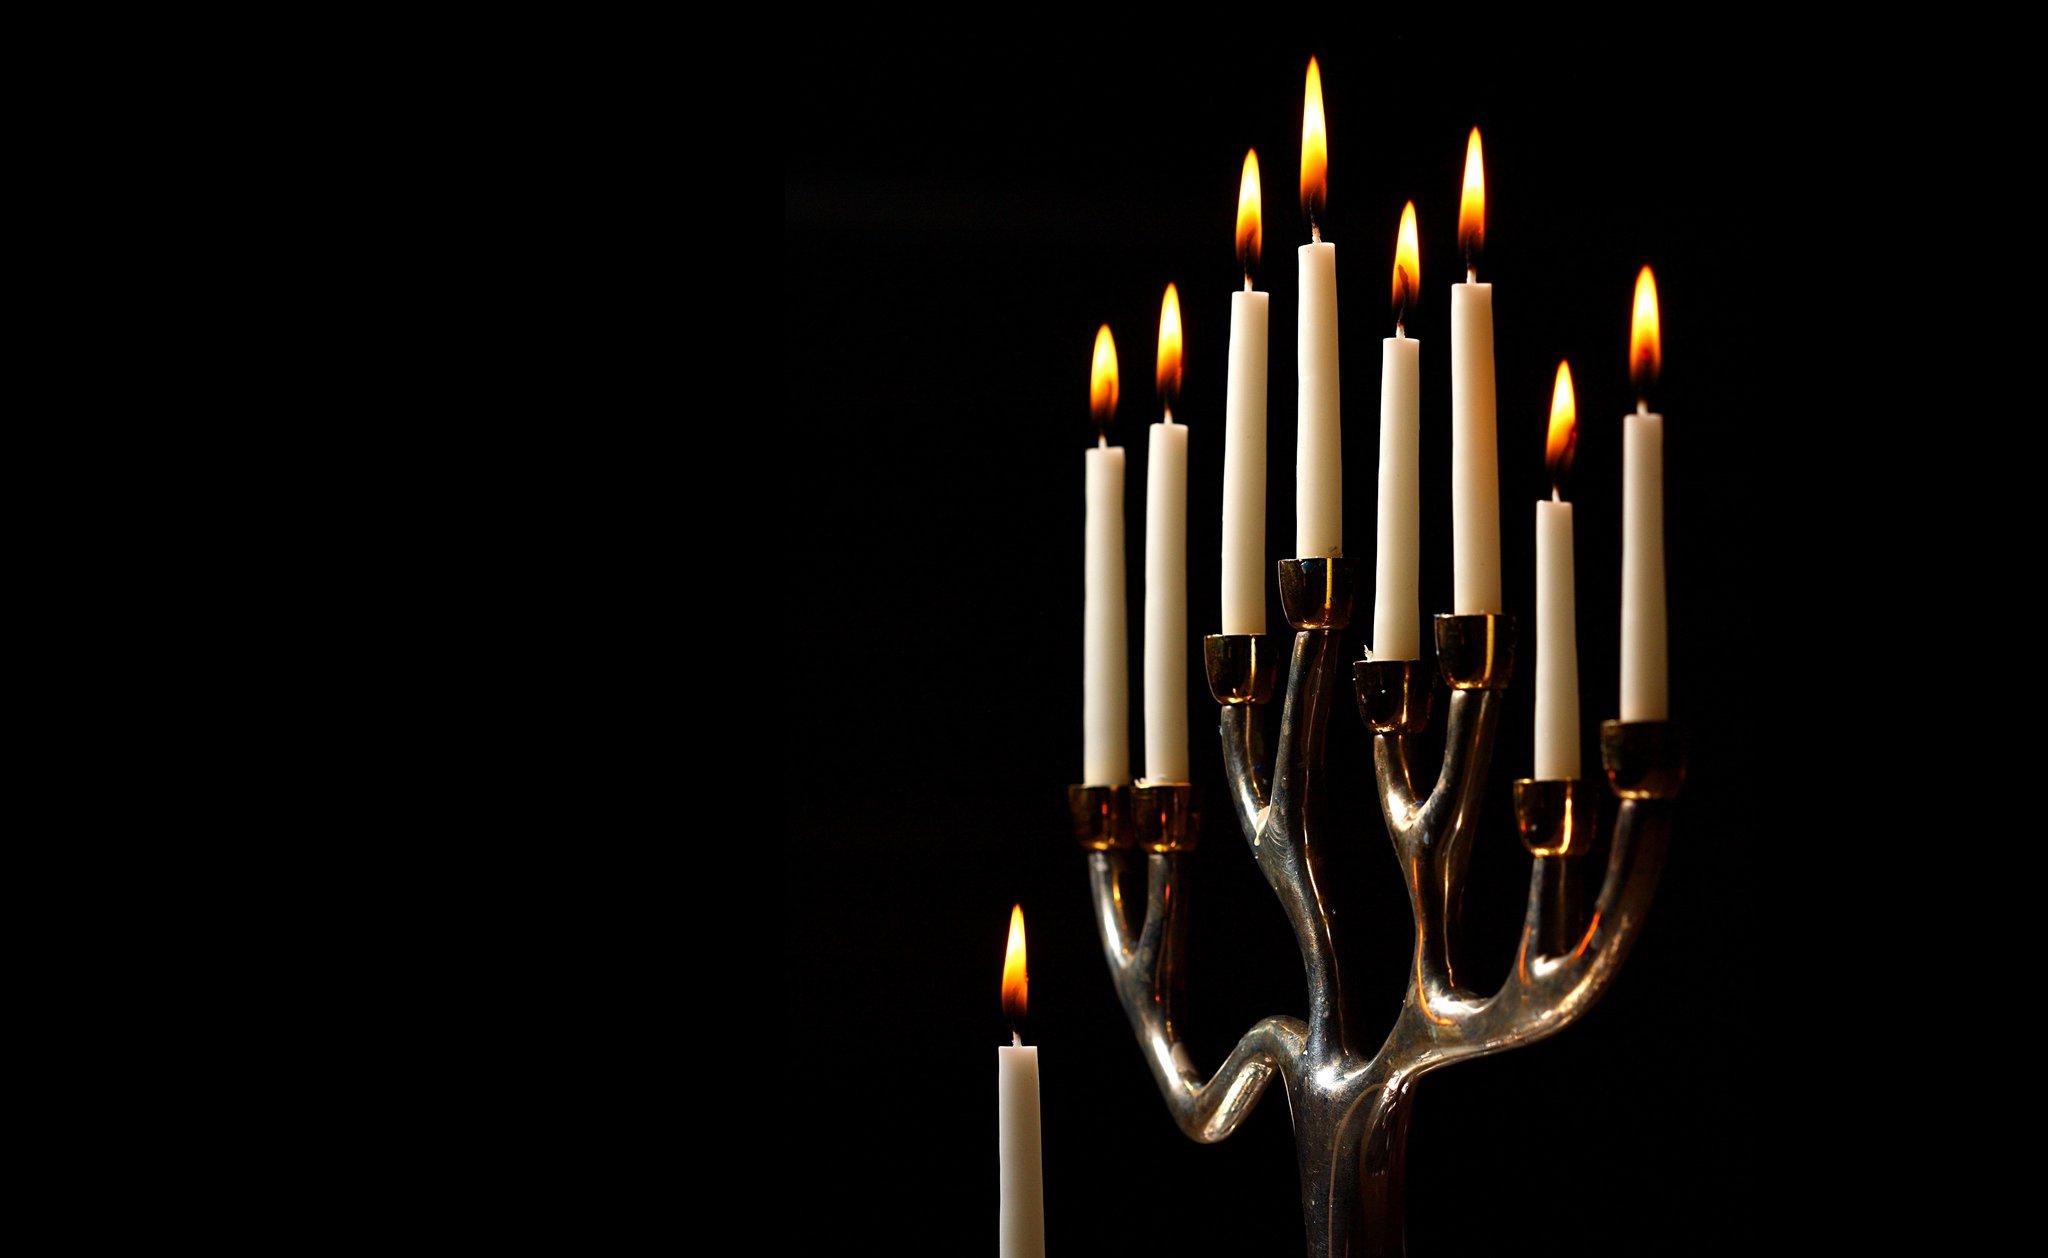 Judaizm_intro Źródło: Jonathan Cohen, fotografia barwna, licencja: CC BY-NC 3.0.